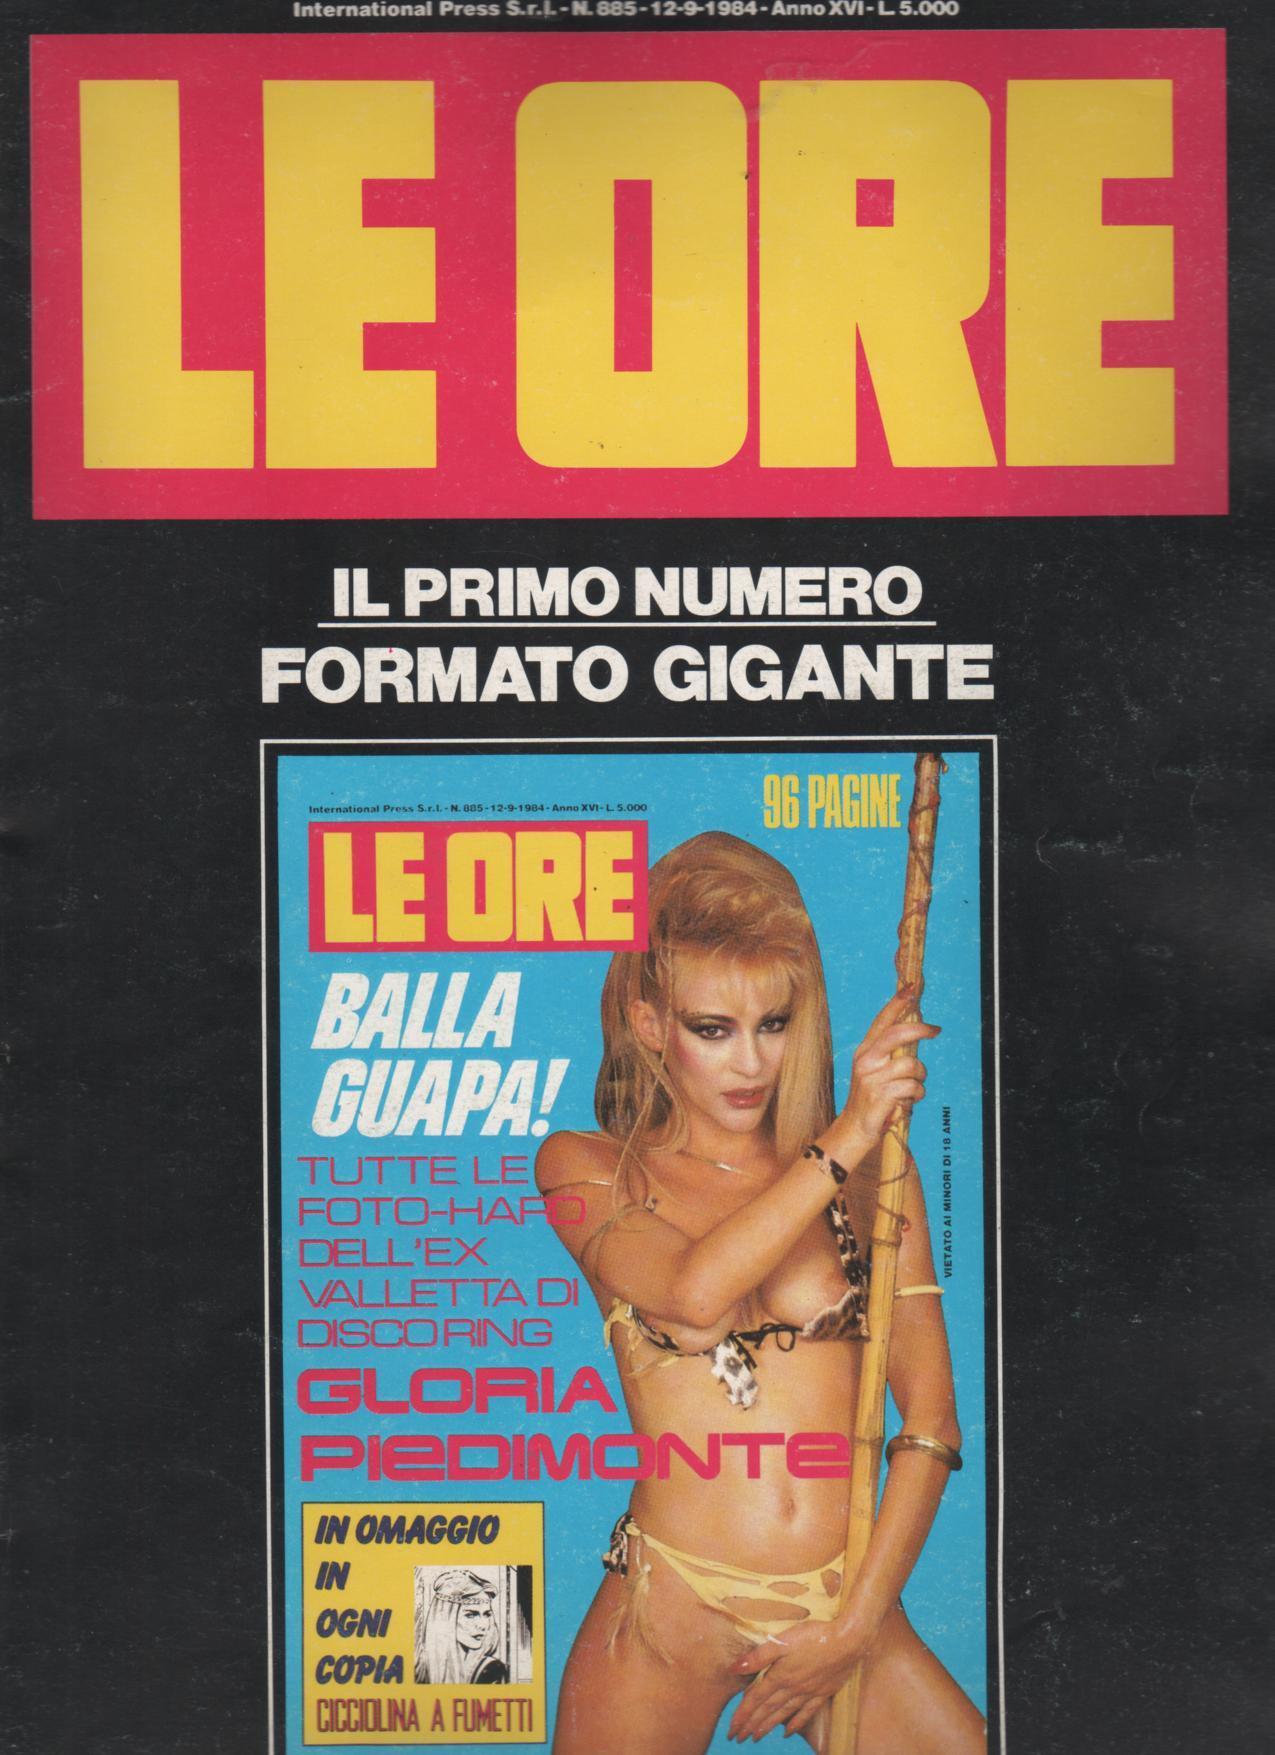 LE ORE  # 885 / 1984  con  GLORIA PIEDIMONTE la guapa HARD